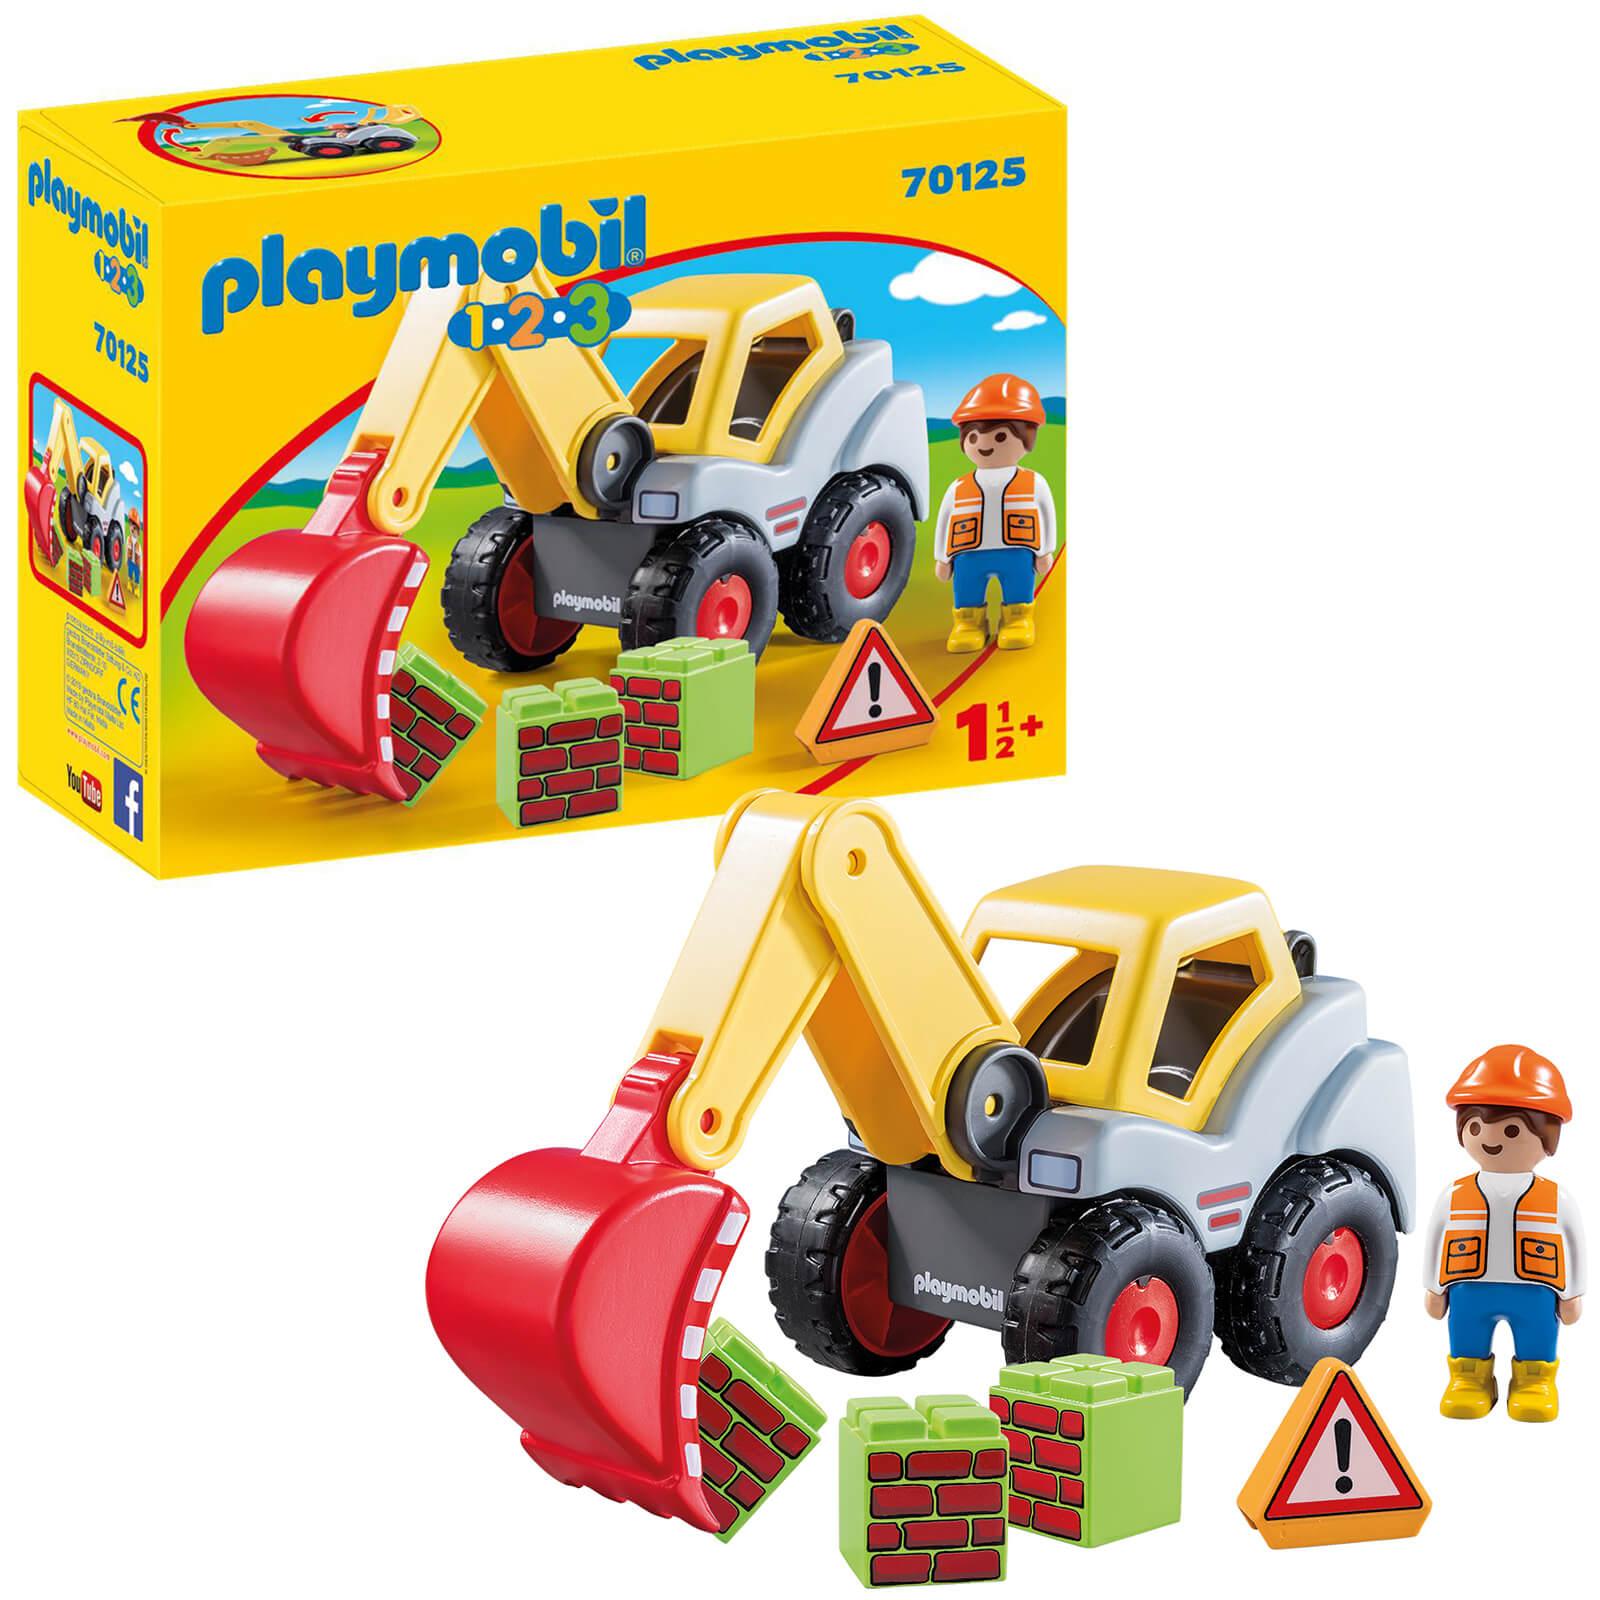 Playmobil 1.2.3 Shovel Excavator For Children 18 Months+ (70125)